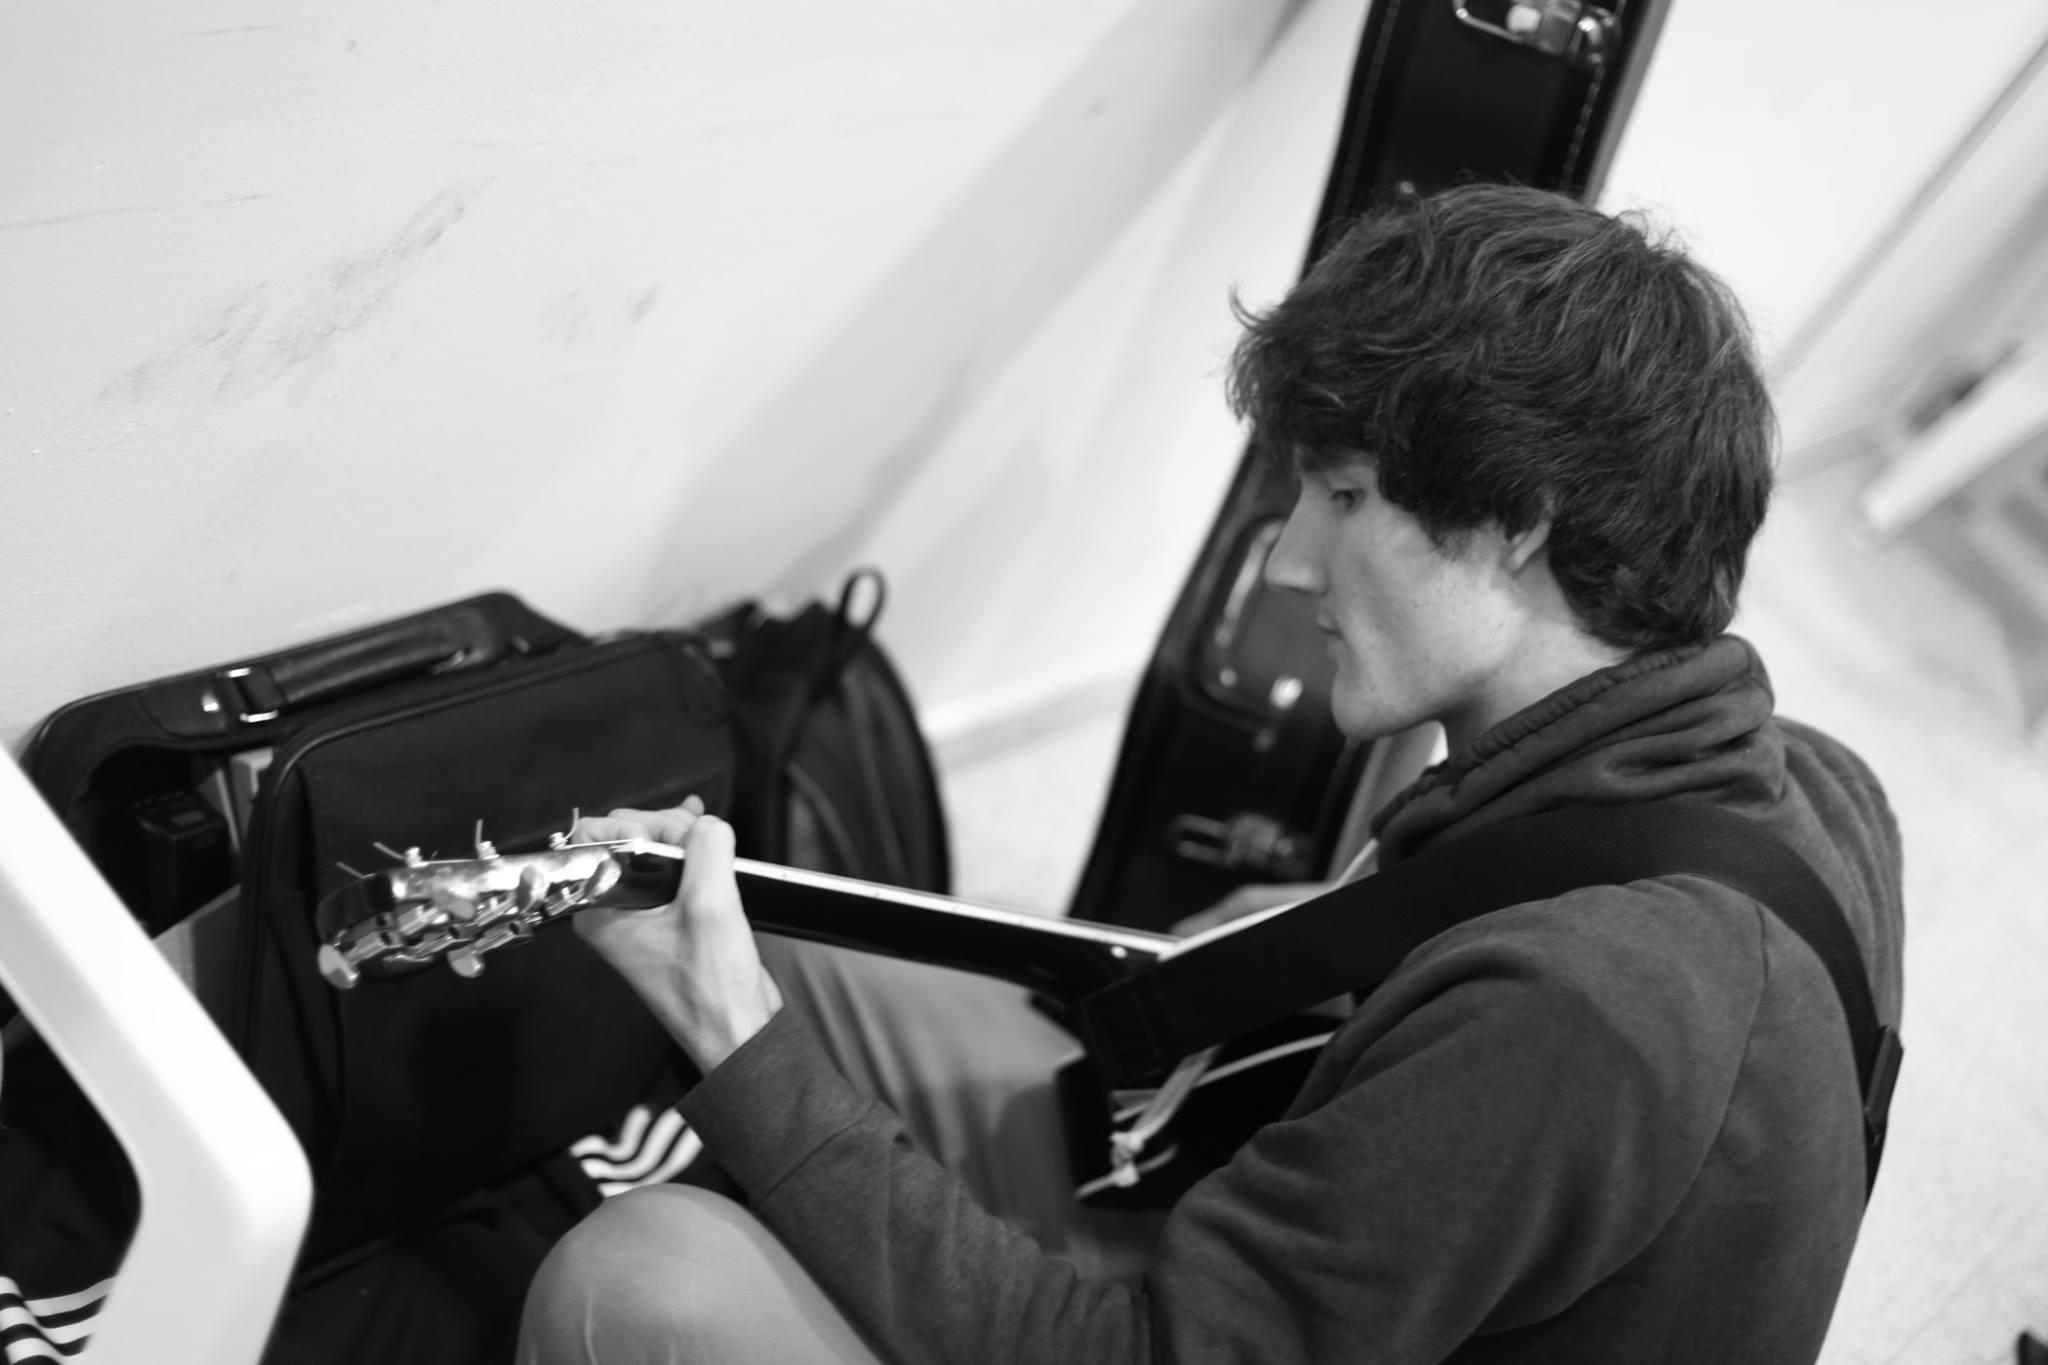 Ein Schwarz-weiß-Foto zeigt den Musiker und Sänger Florian Eib von schräg oben mit einer Gitarre in der Hand. Florian blickt konzentriert auf das Griffbrett der Gitarre. Im Hintergrund stehen eine Reisetasche und ein Gitarrenkoffer, Foto: Hagen Ebrecht.